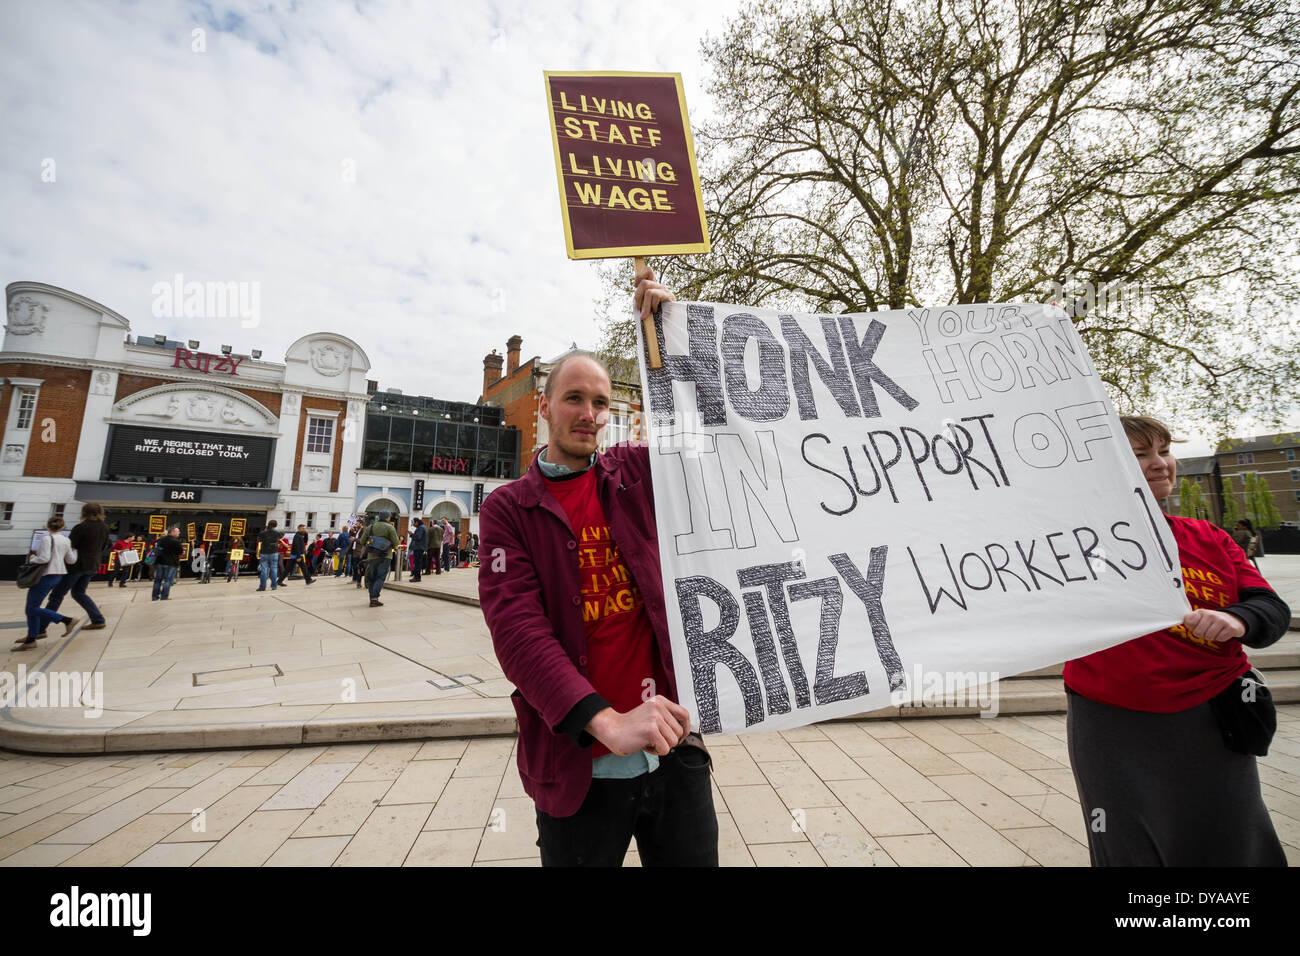 London, UK 11 avr, 2014 .. Ritzy Cinema à Brixton fermé comme les membres de l'union participent à une action de grève Crédit: Guy Josse/Alamy Live News Photo Stock